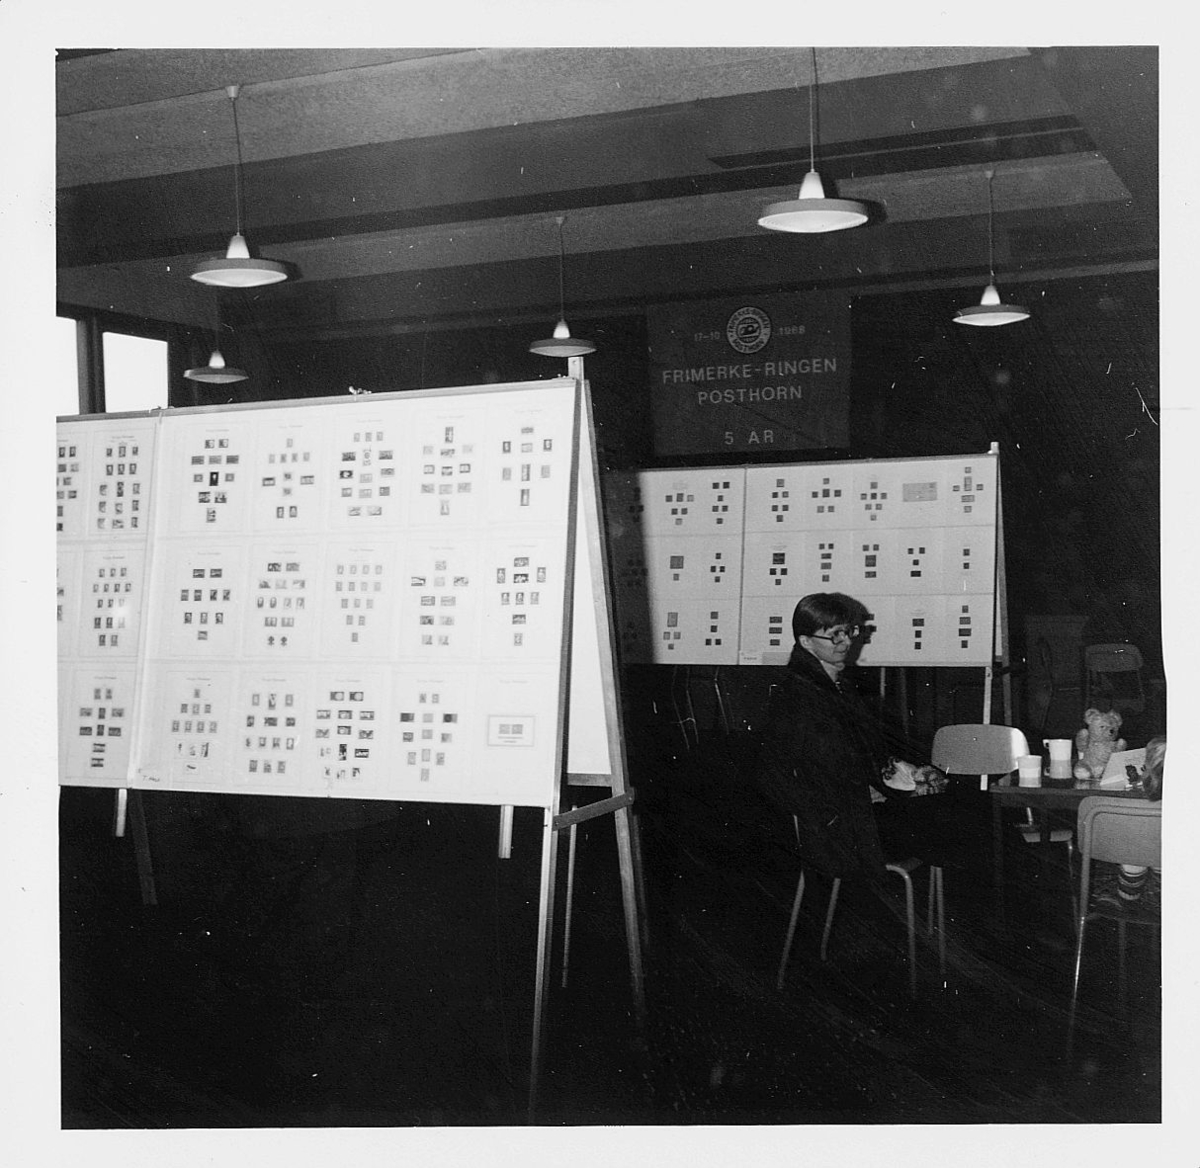 markedsseksjonen, Frimerkets dag '73, Trosterud skole, Frimerke-Ringen Posthorn 5 år, filateli